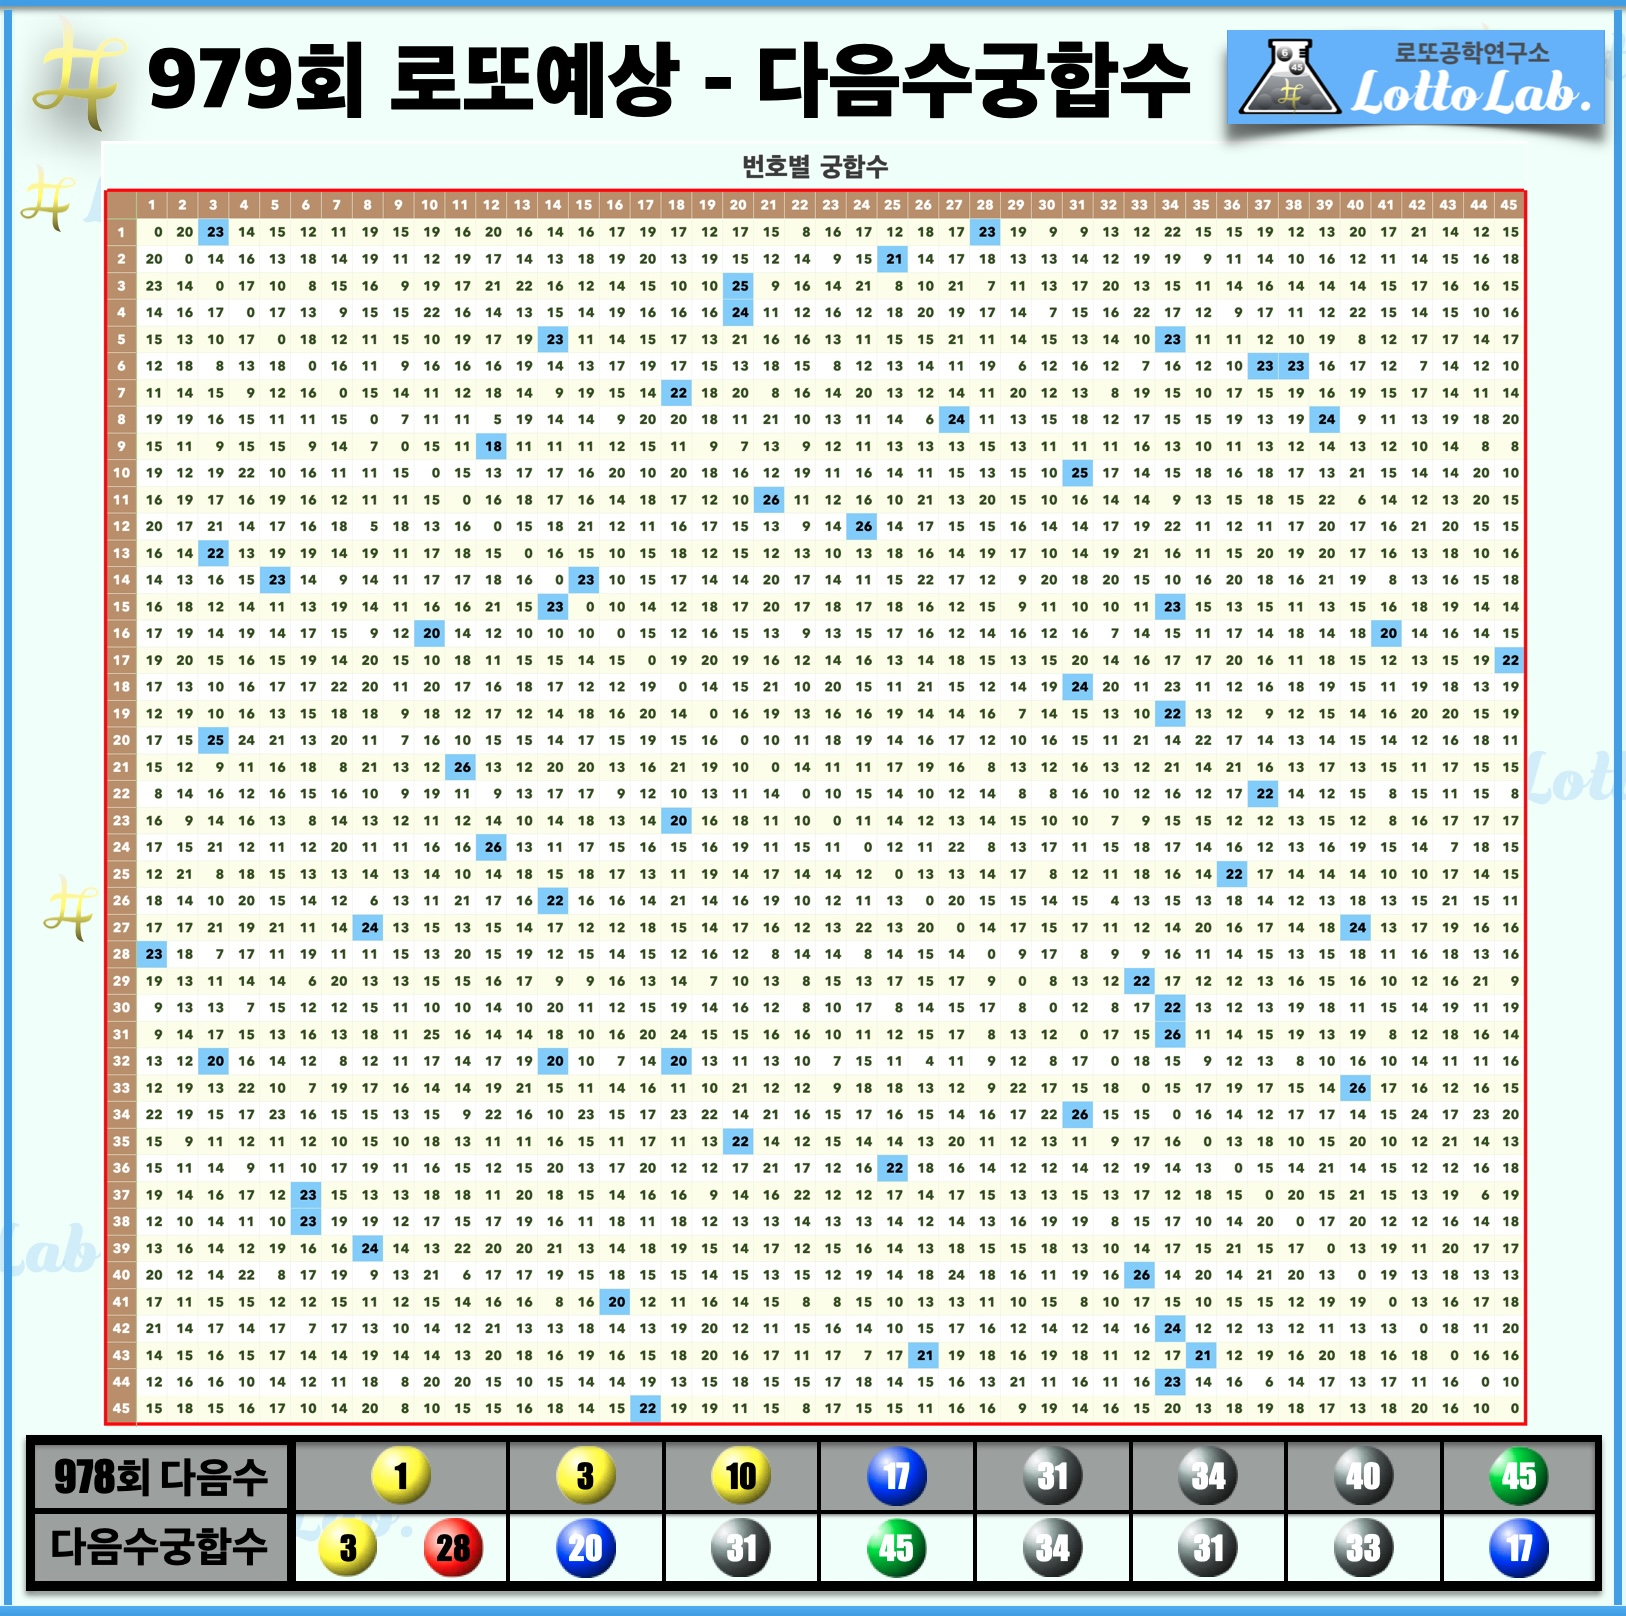 로또랩 로또979 당첨 번호 예상 - 다음수궁합수